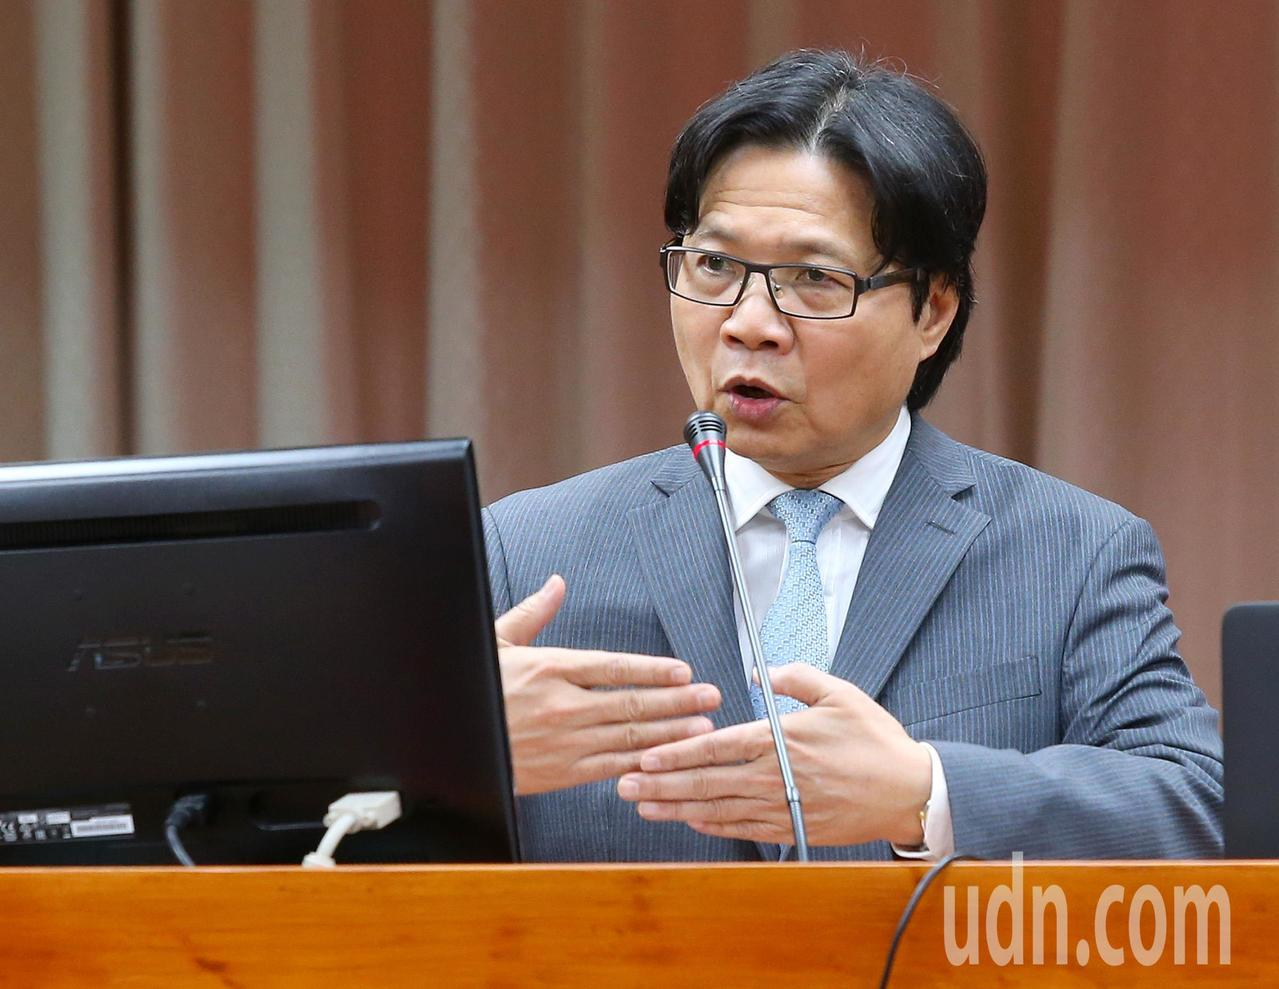 行政院長賴清德表示將推動「2030雙語國家」,教育部長葉俊榮(圖)上午受訪表示,...